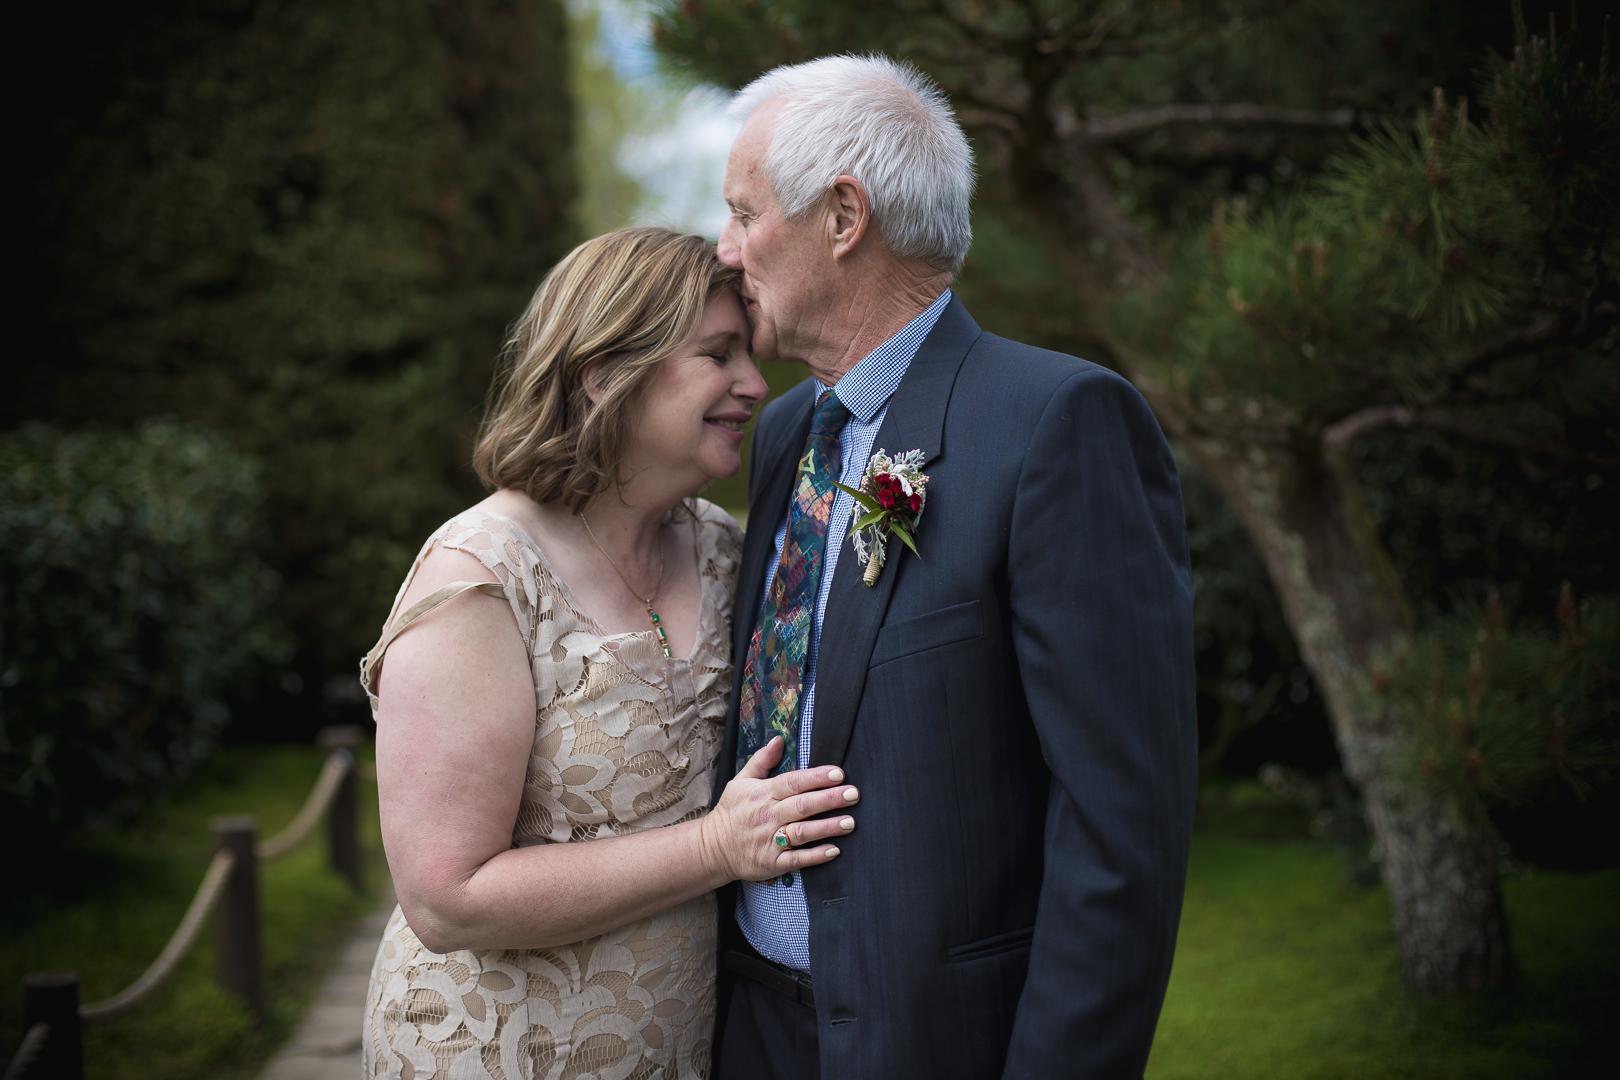 Jane & Jim get married  (1 of 1) - Copy.JPG